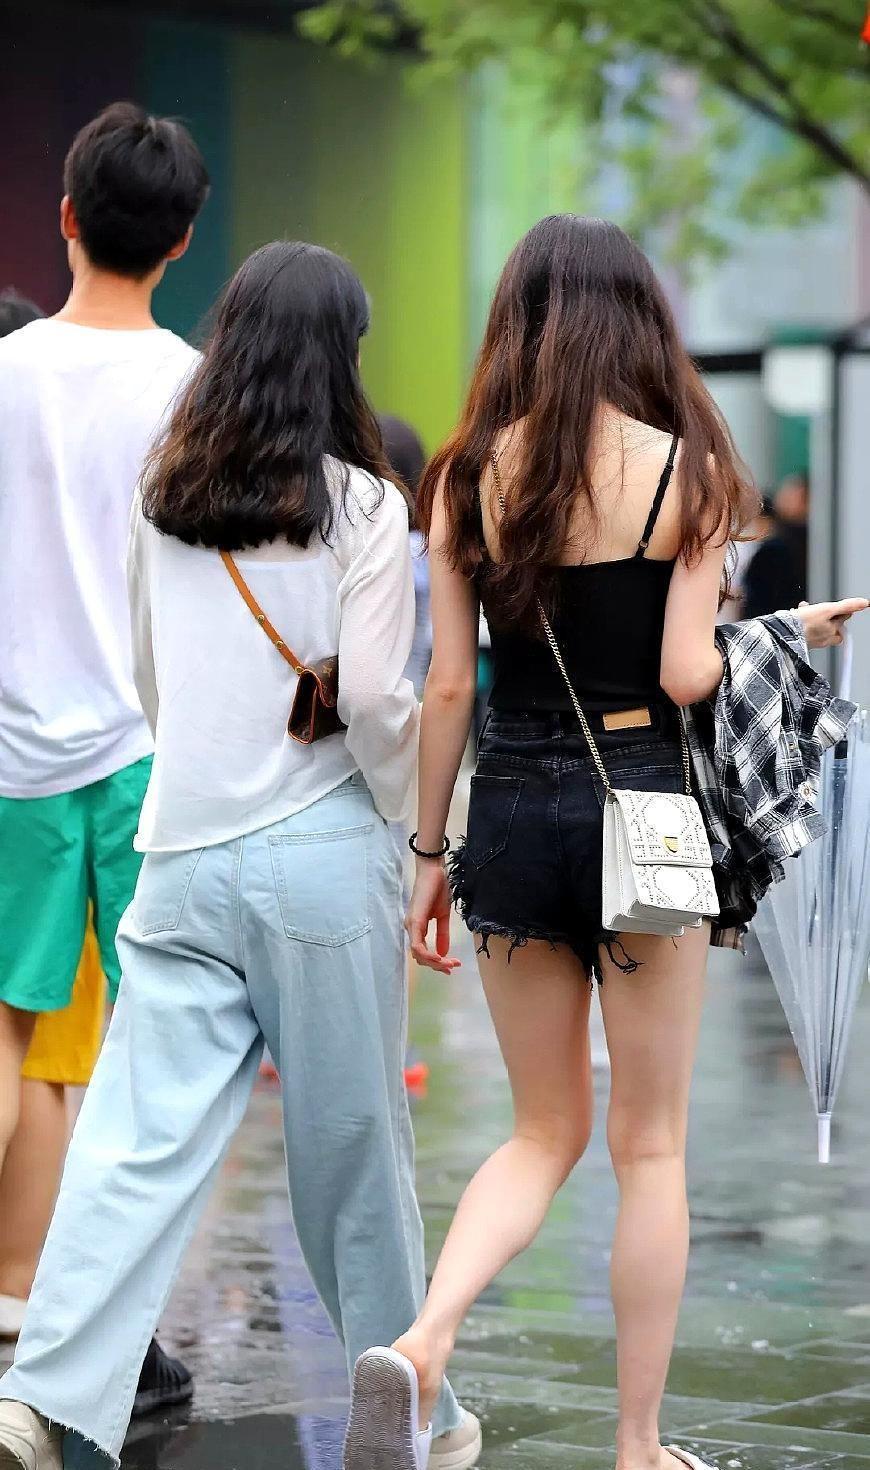 街拍:前凸后翘的美女,穿搭时尚潮流,这样的身材很让人喜欢